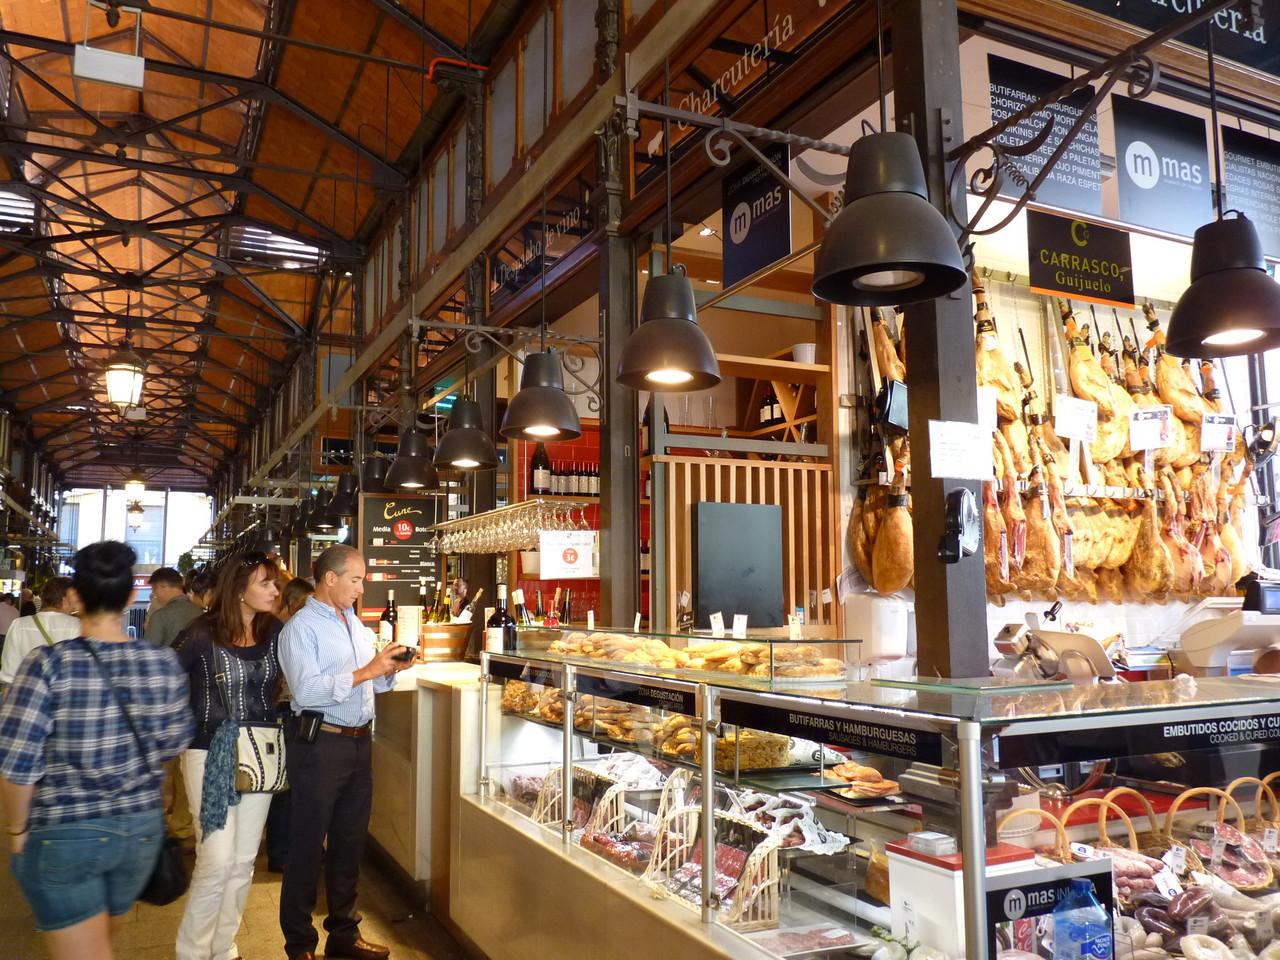 Romântica Madrid-Mercado de San Miguel (3).JPG